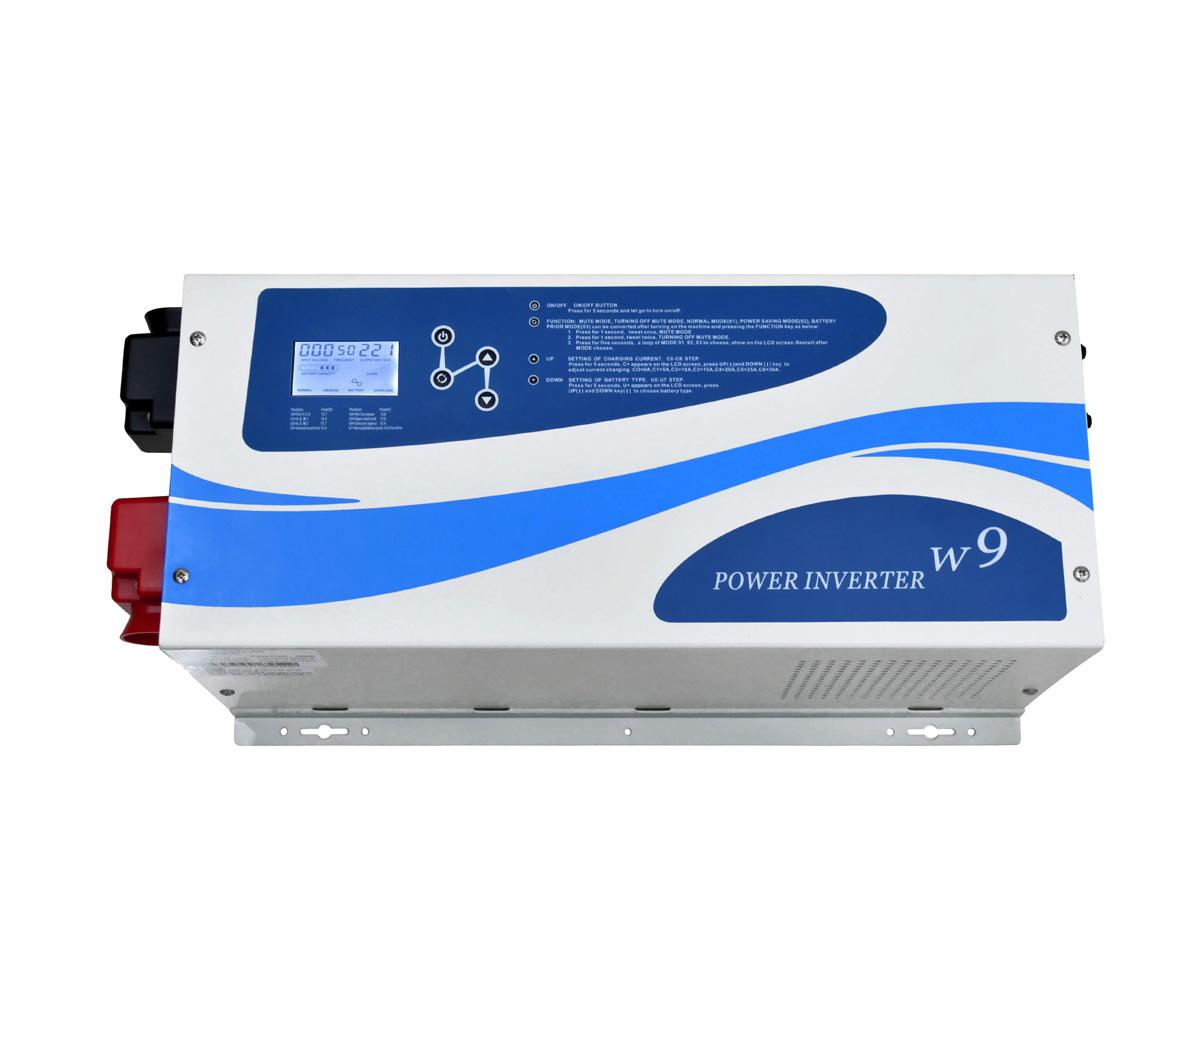 W9 Power Inverter (2000w-3000w)